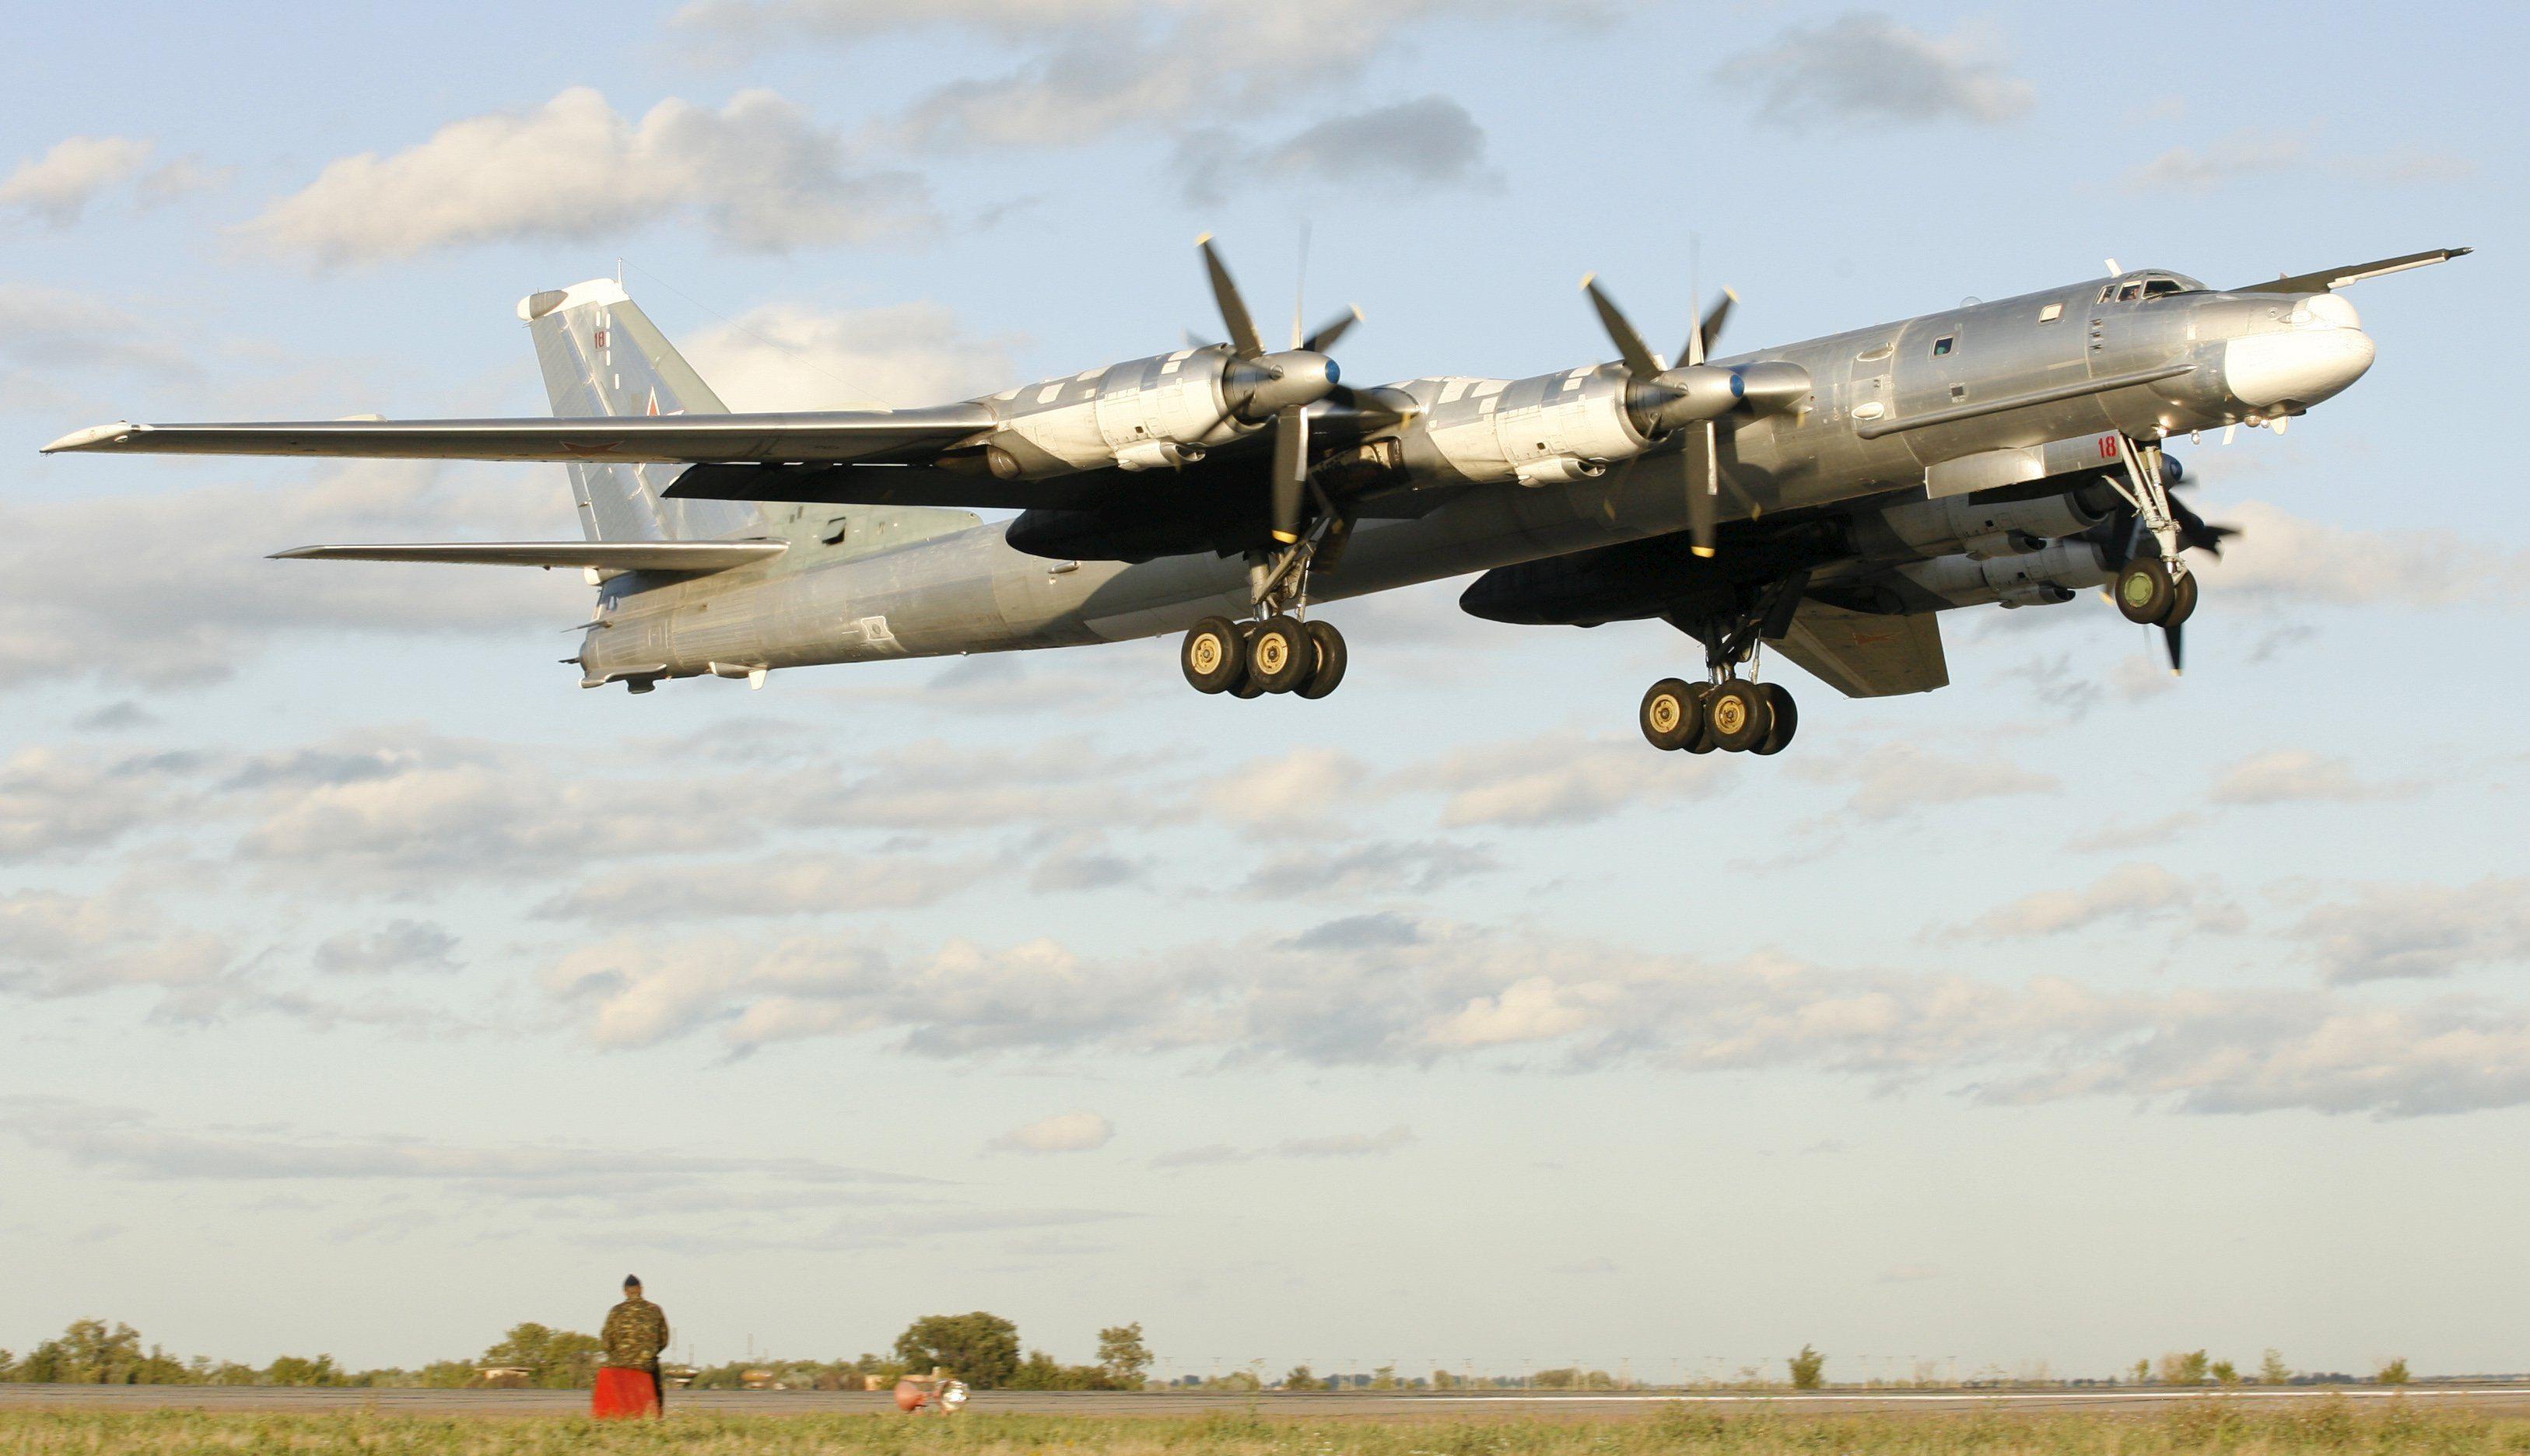 Стратегический ракетоносец Ту-95, иллюстрация